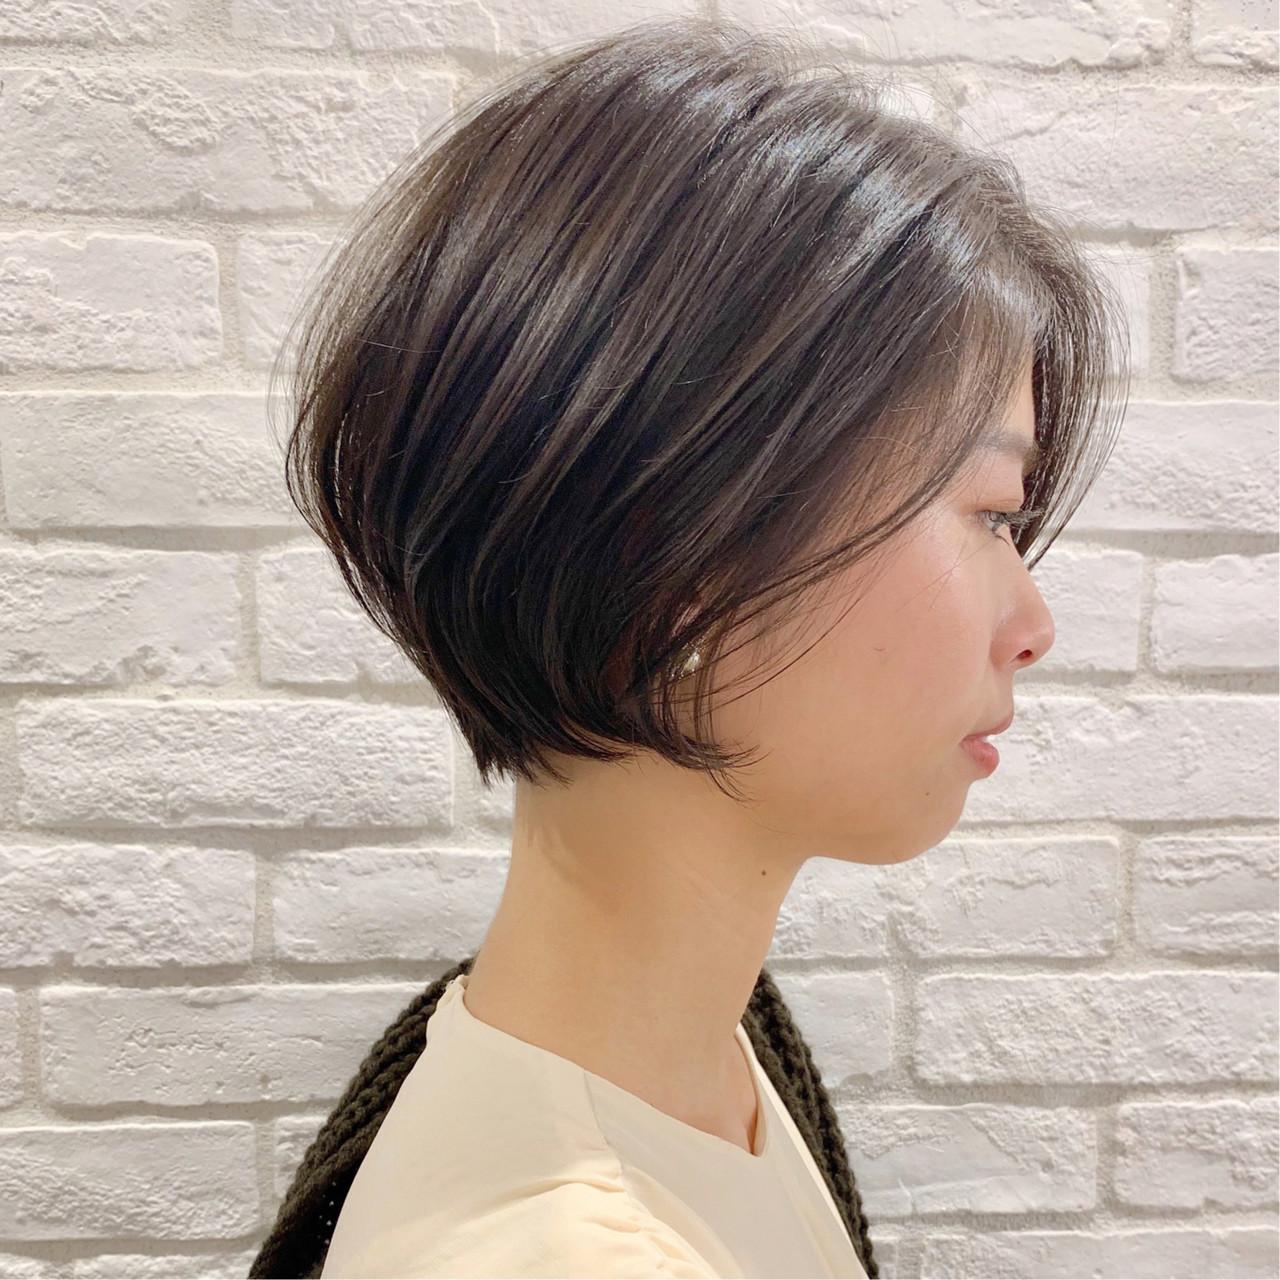 アウトドア ヘアアレンジ オフィス ショート ヘアスタイルや髪型の写真・画像 | ショートボブの匠【 山内大成 】『i.hair』 / 『 i. 』 omotesando